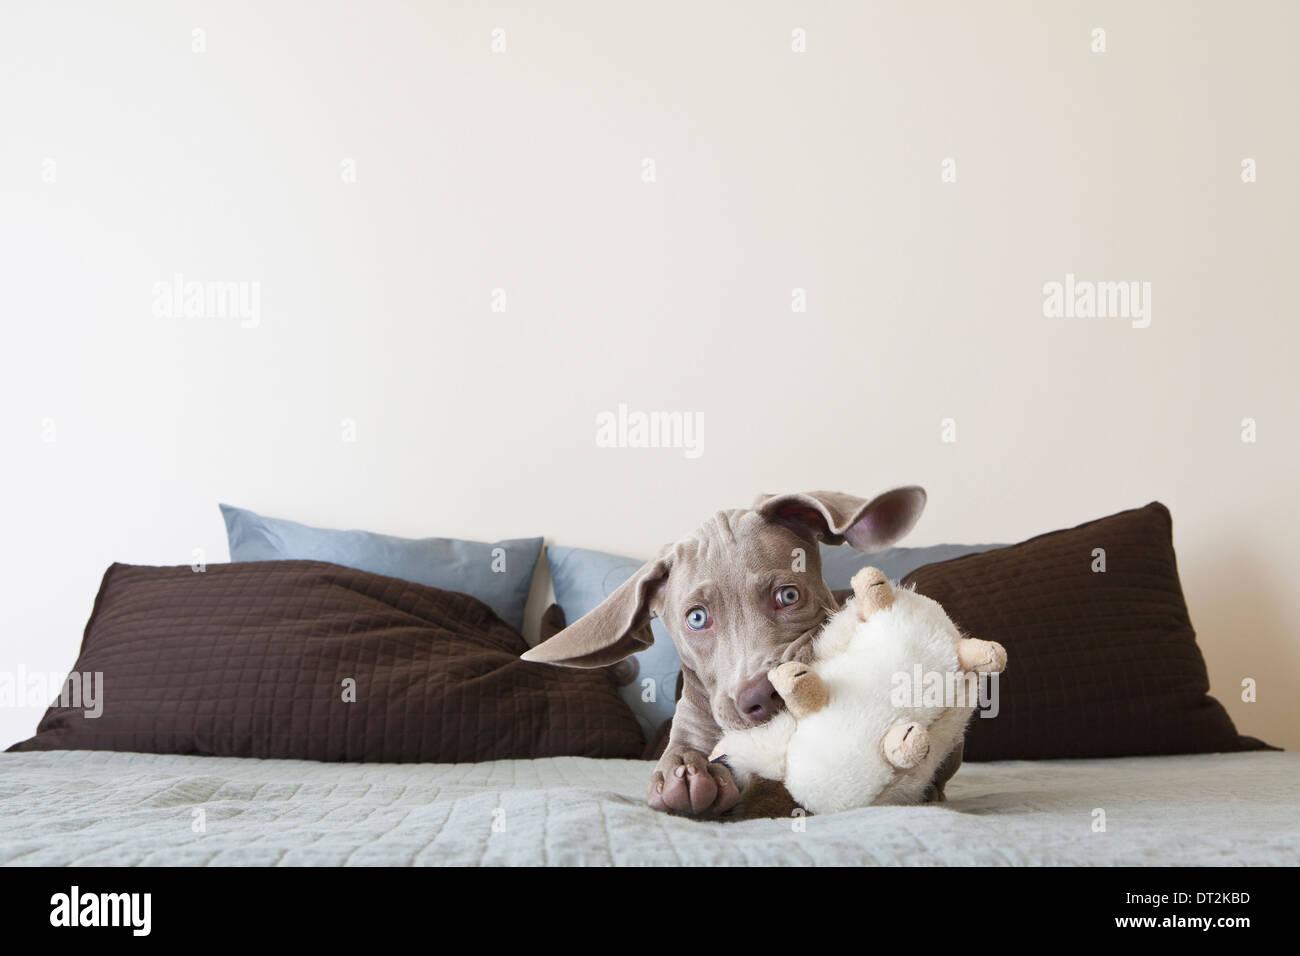 Un cachorro Weimaraner jugando en una cama con peluche en su desembocadura. Foto de stock